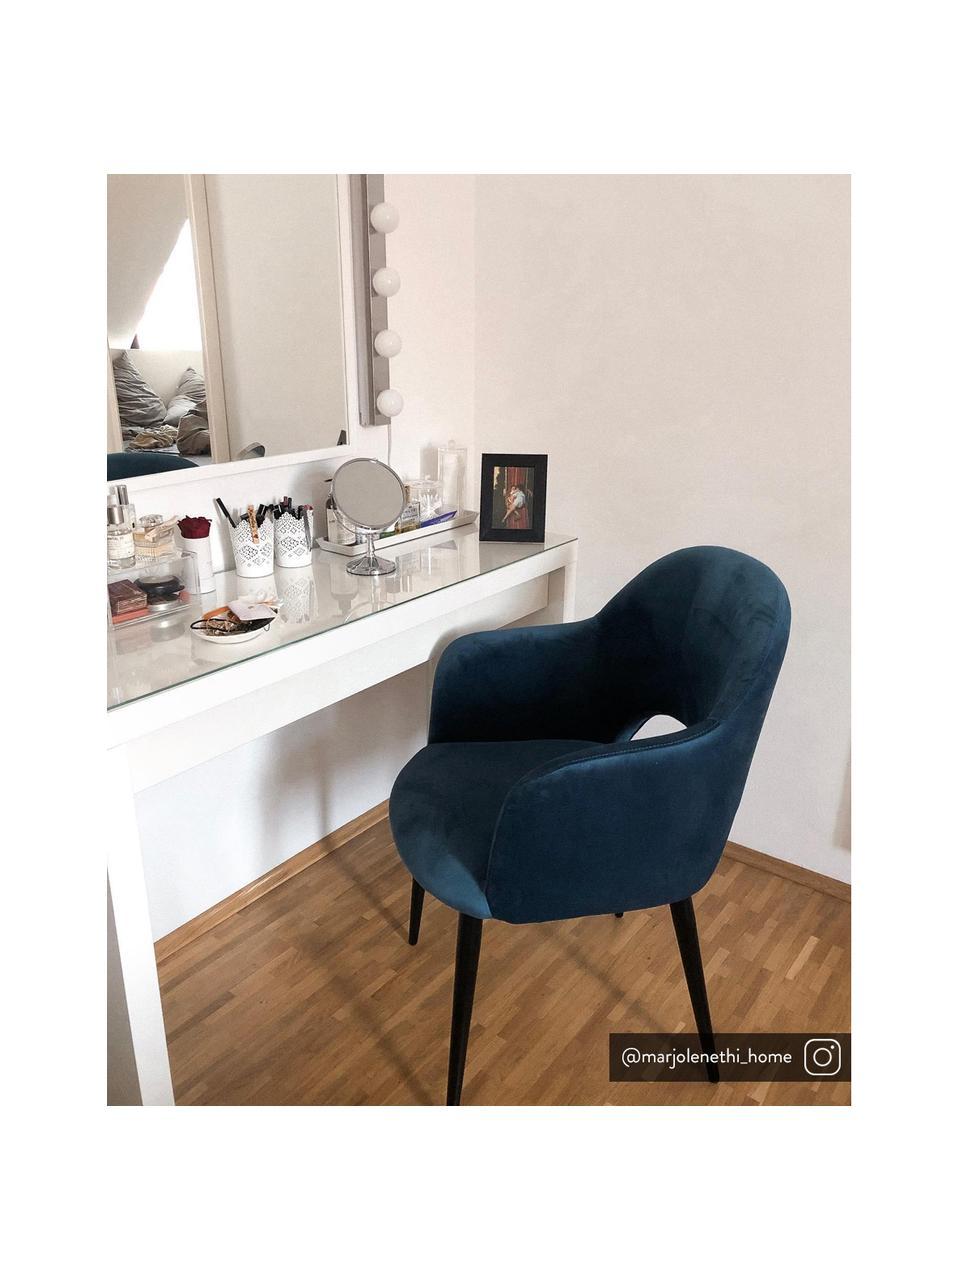 Sedia con braccioli in velluto blu scuro Rachel, Rivestimento: velluto (poliestere) Il r, Gambe: metallo verniciato a polv, Velluto blu scuro, Larg. 64 x Prof. 47 cm